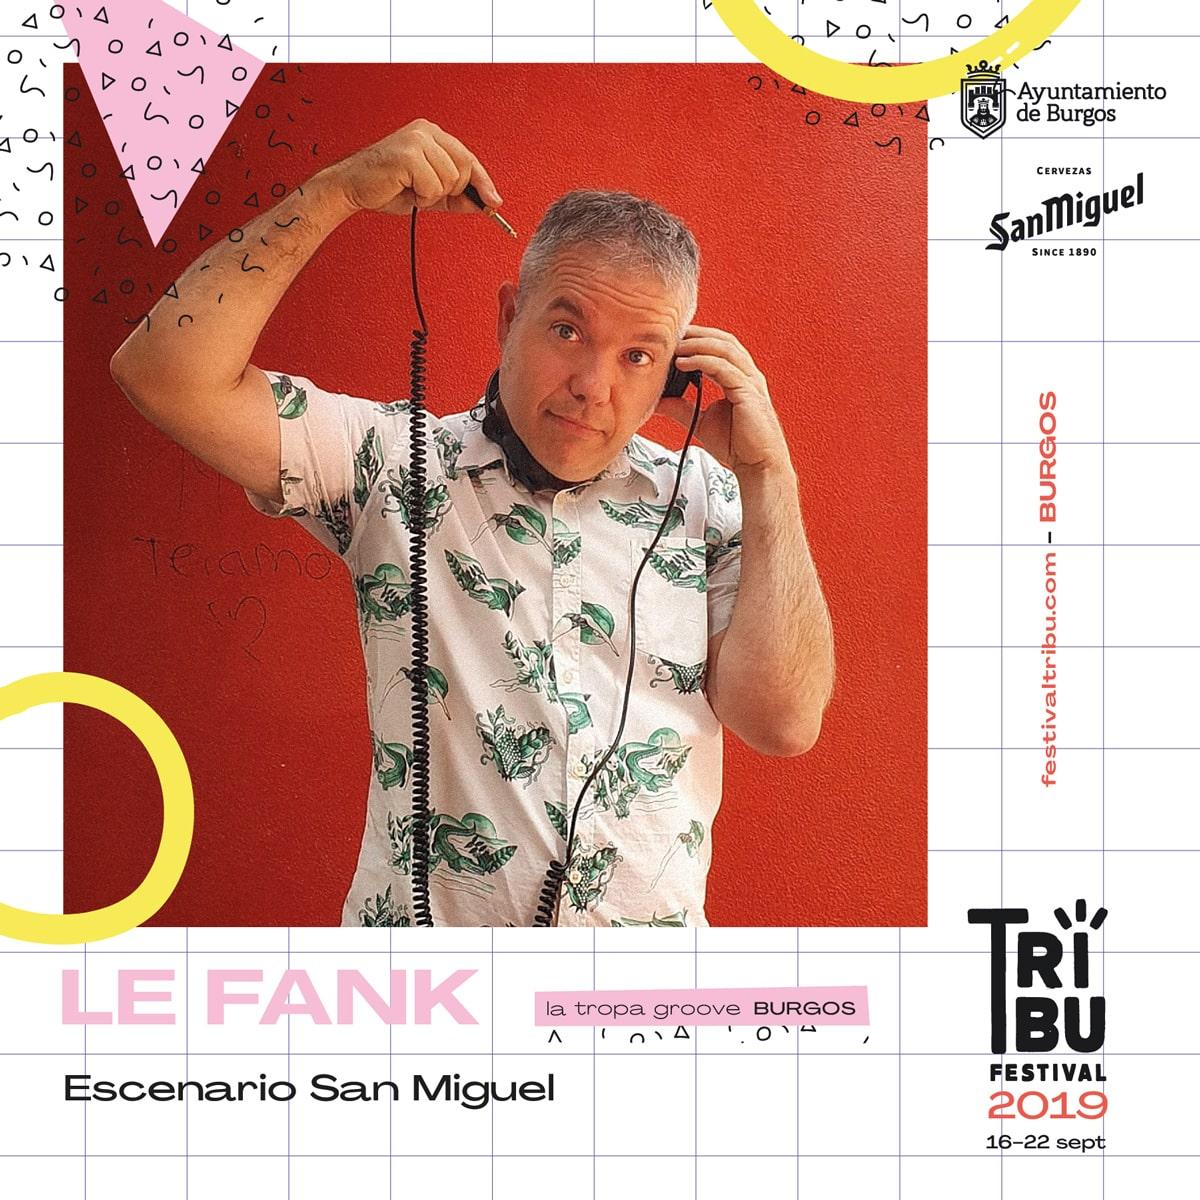 Concierto de Le Fank en el festival Tribu 2019